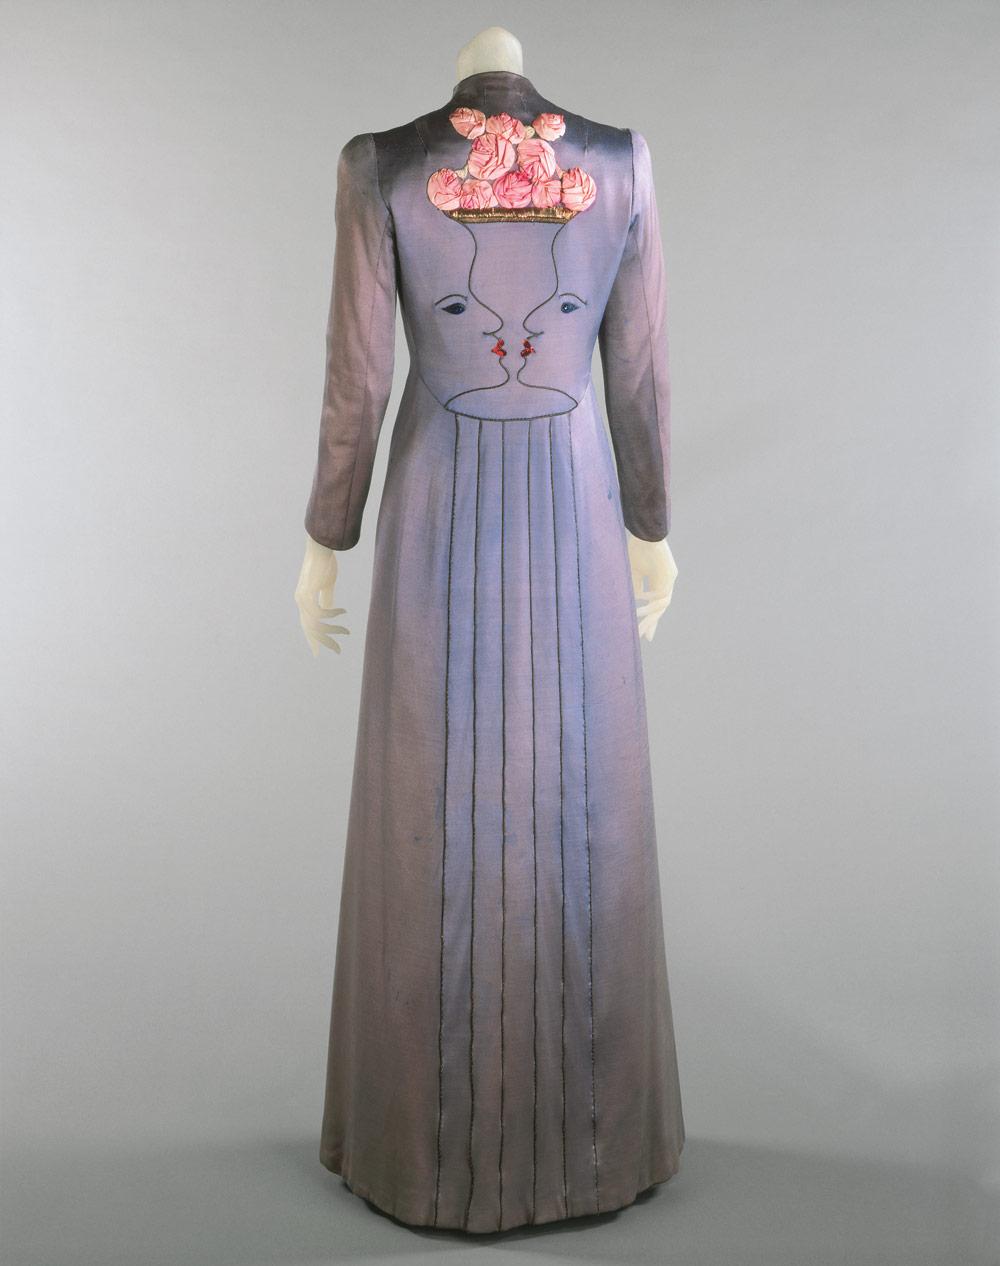 1937 - Elsa Schiaparelli Cocteau coat